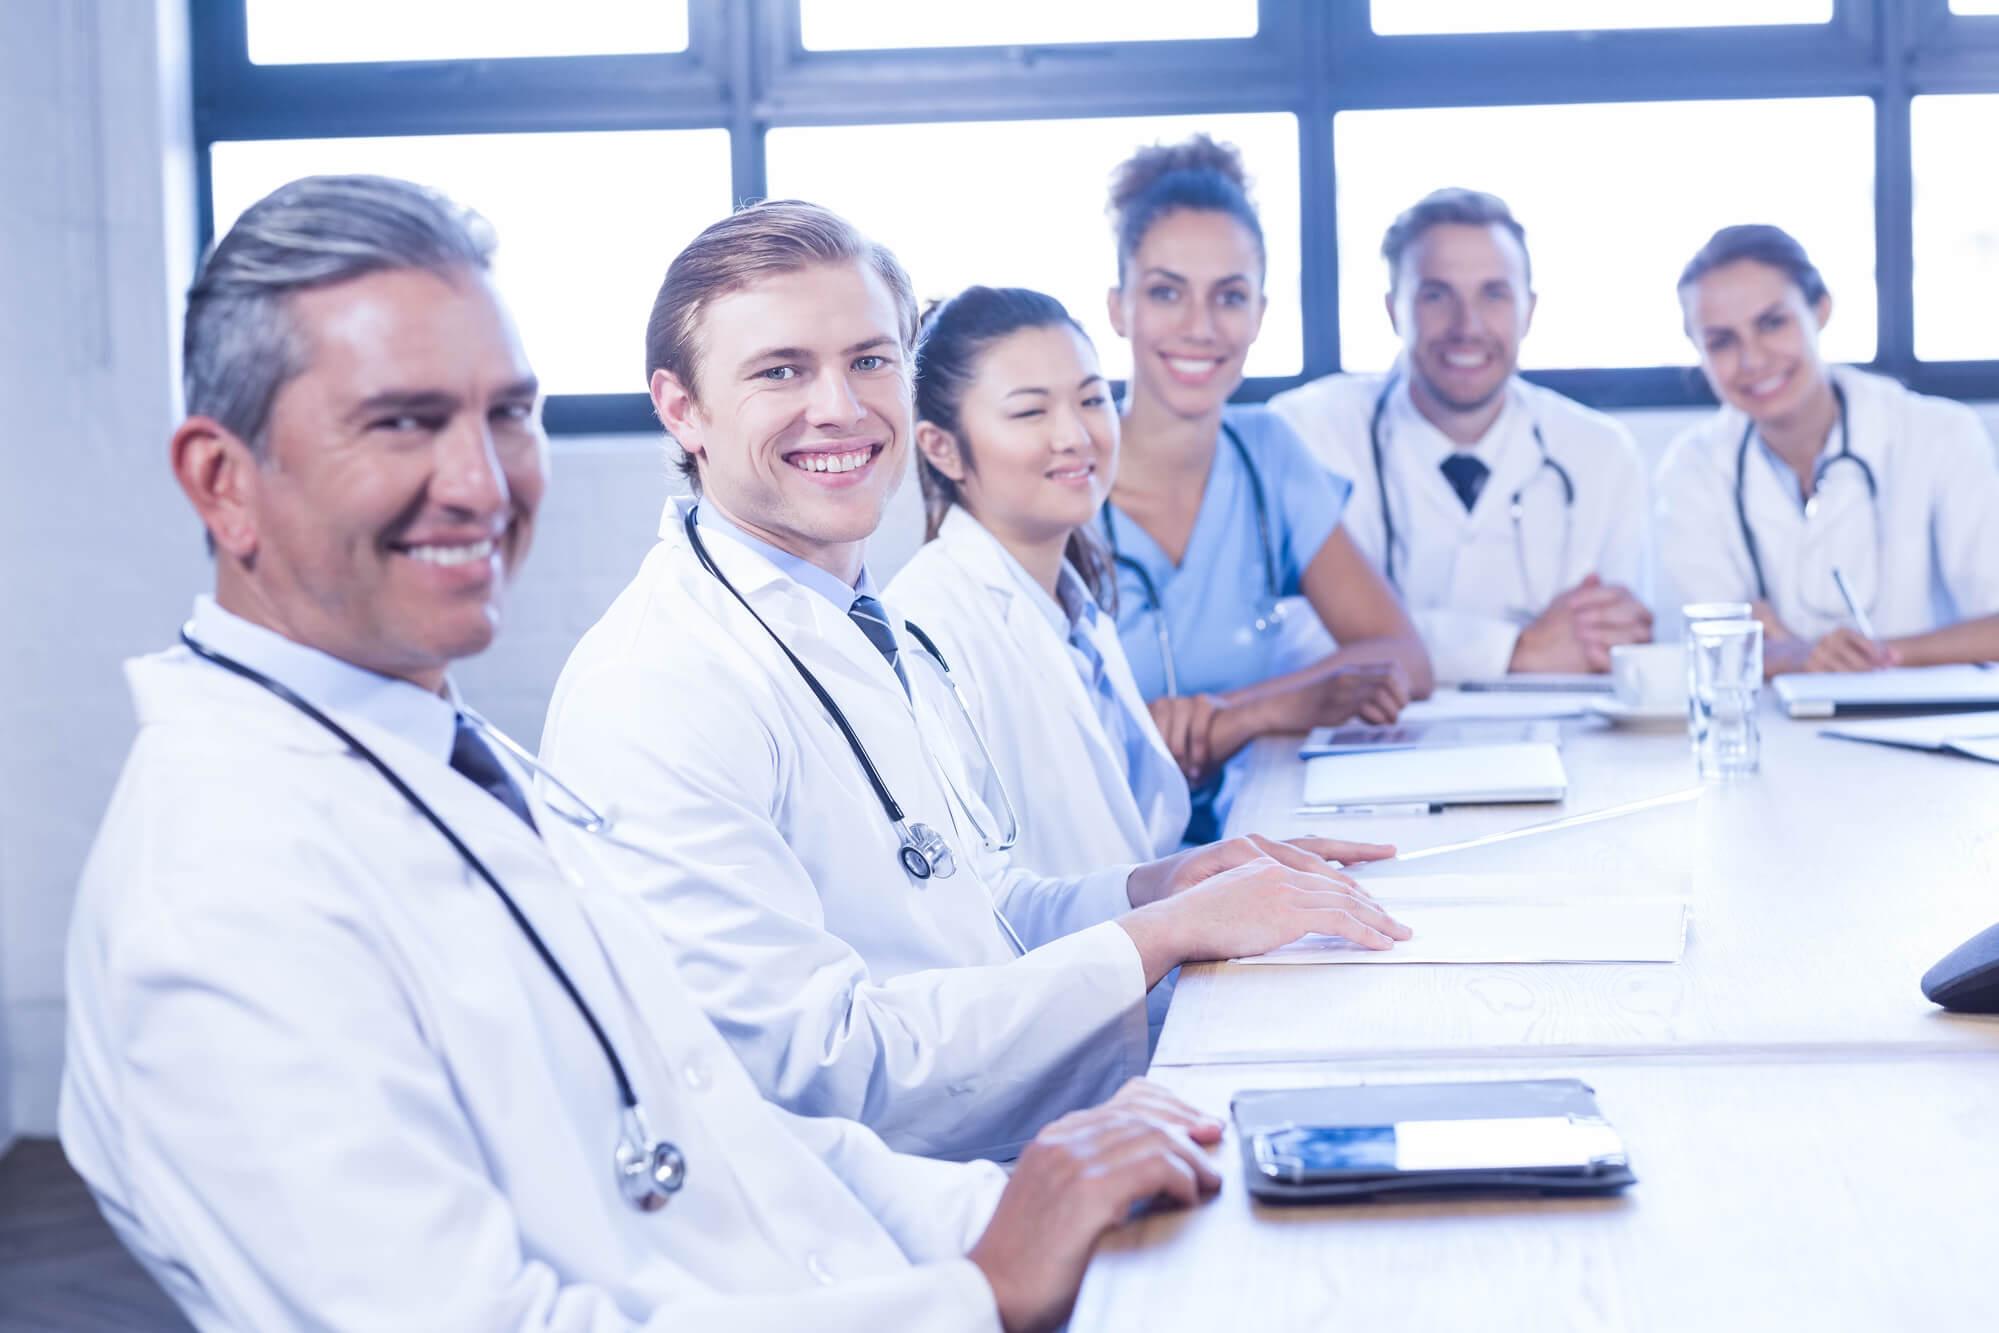 3 dicas para reduzir a glosa médica em clínicas e hospitais